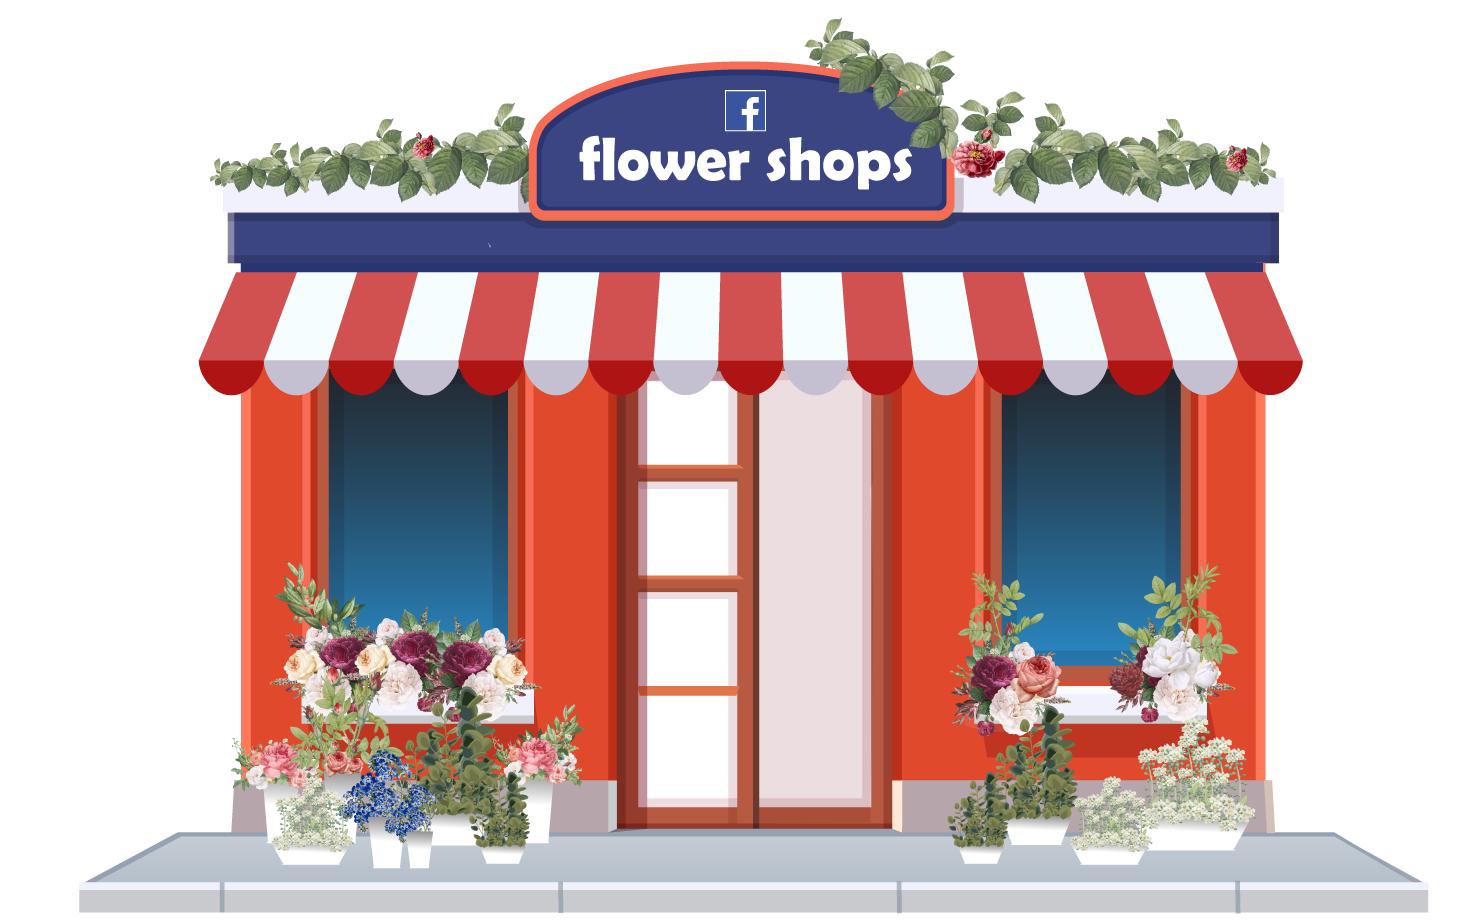 Bí quyết kinh doanh shop hoa tươi bước đầu thành công - 270801